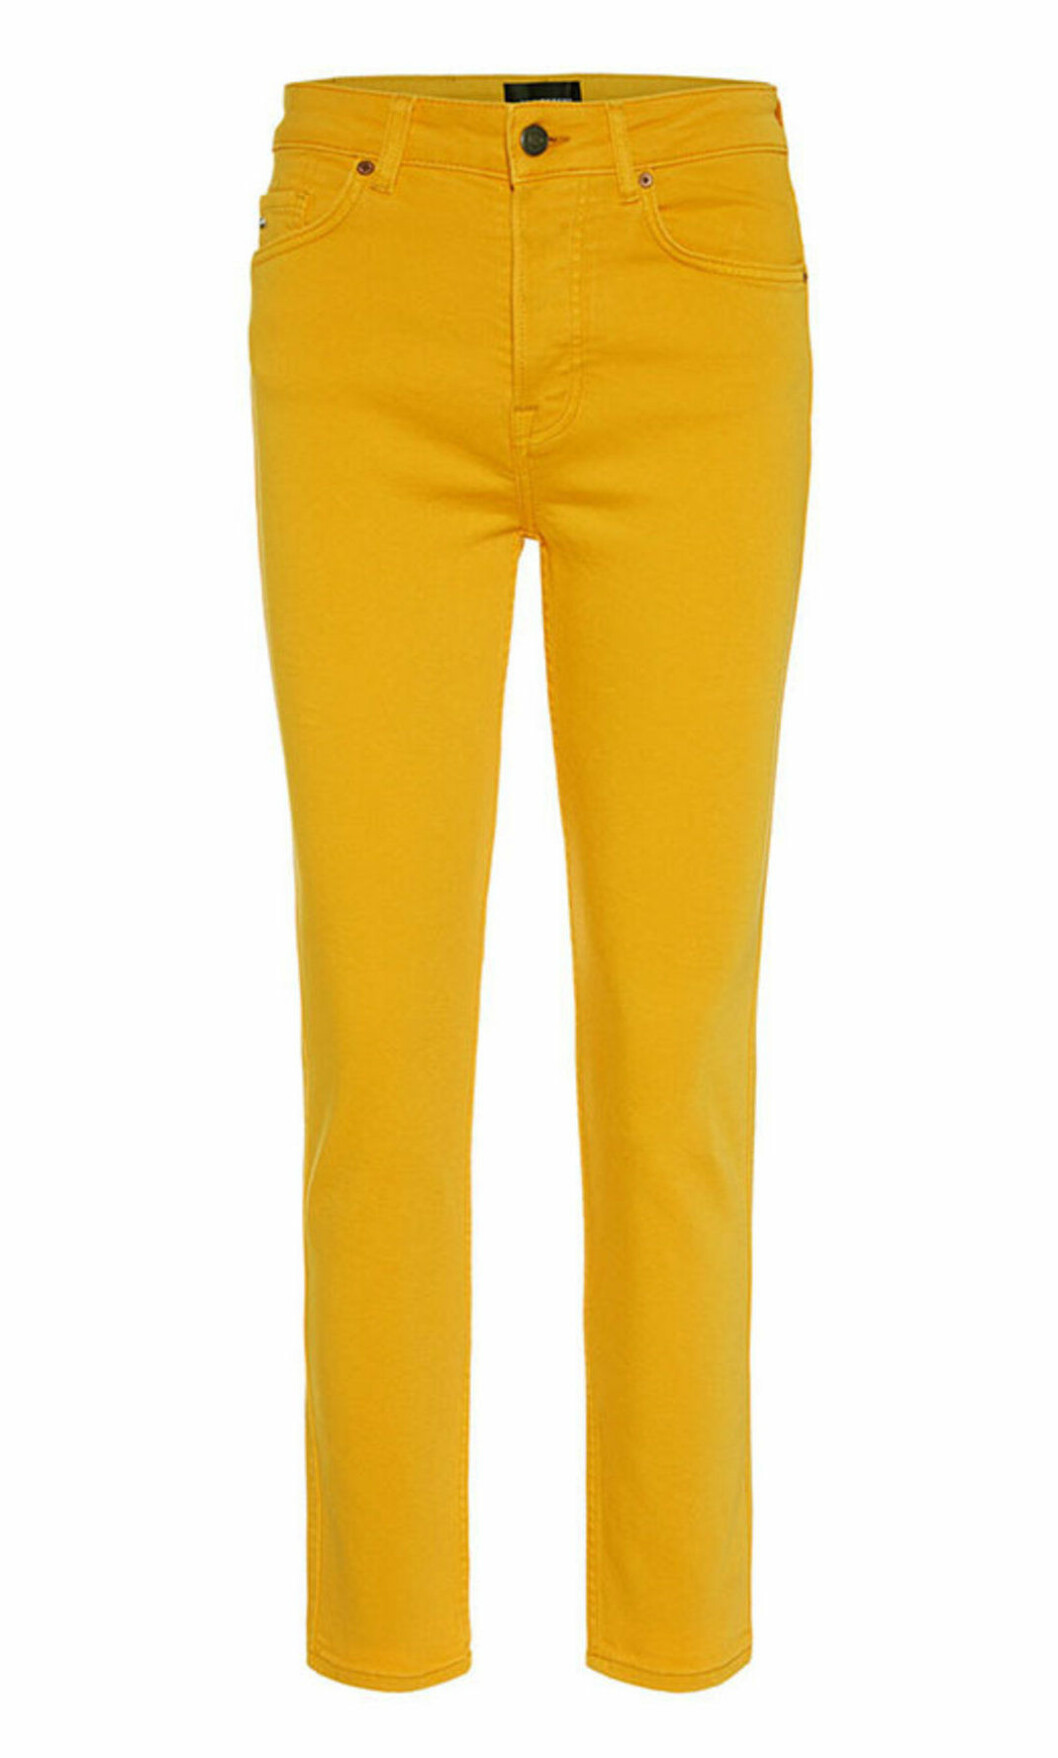 Gula jeans till hösten 2018